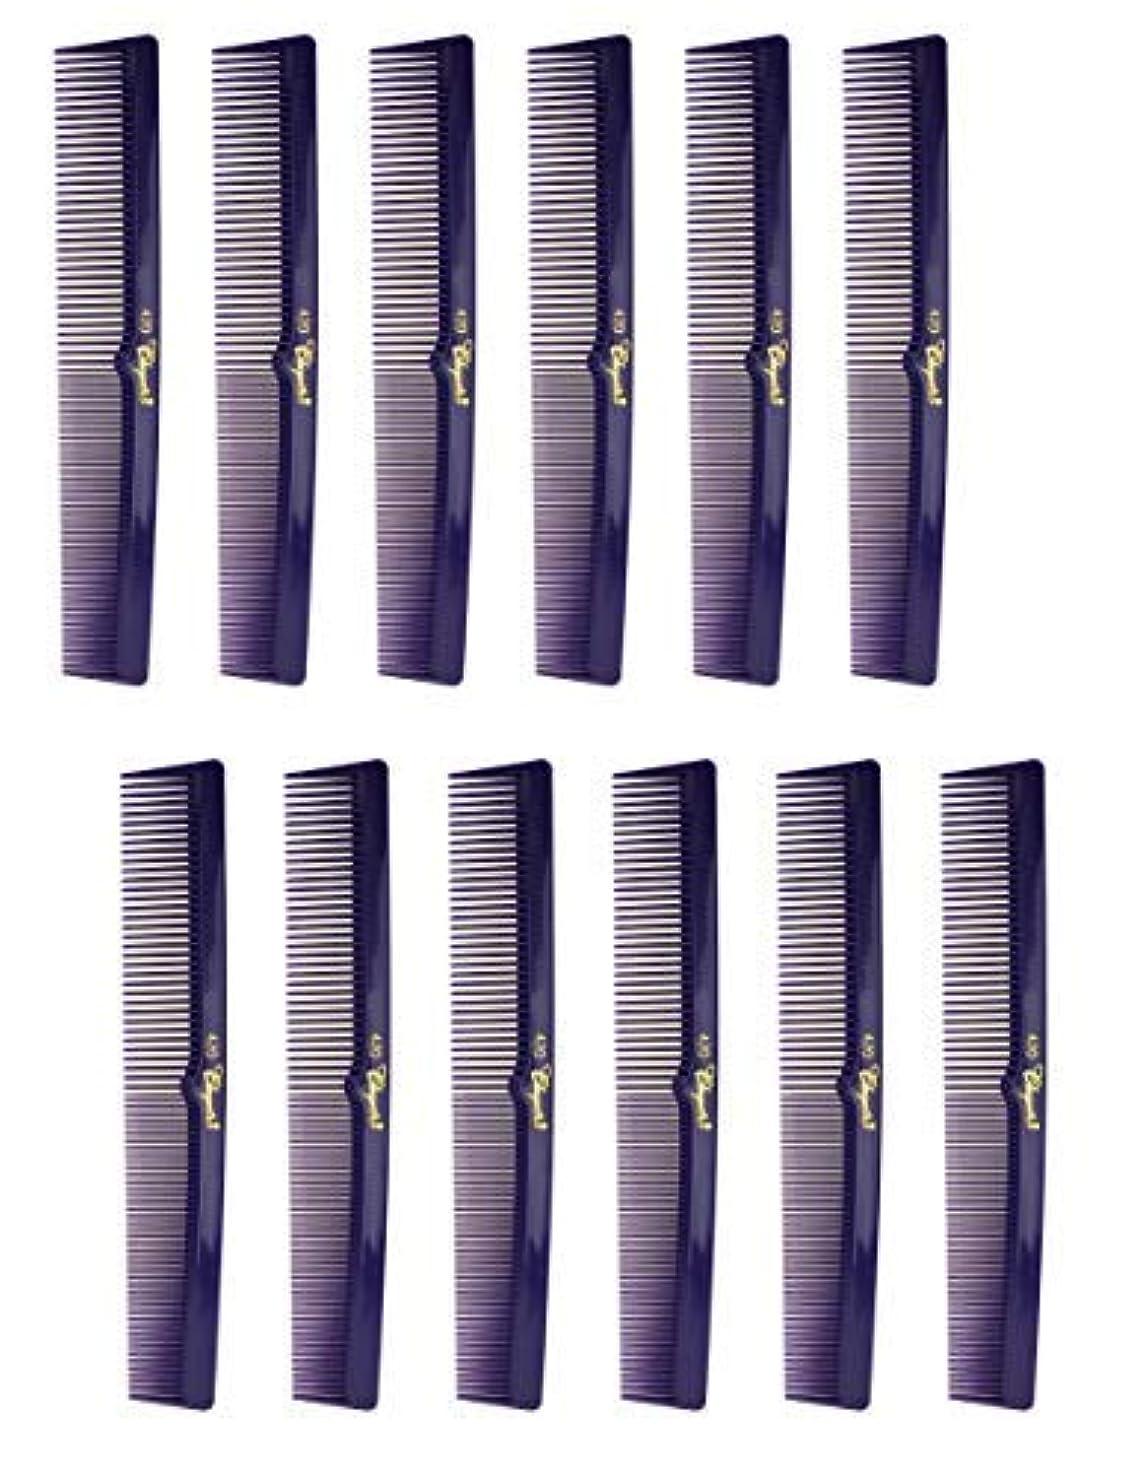 マット思いやり終わらせる7 Inch Hair Cutting Combs. Barber's & Hairstylist Combs. Purple 1 DZ. [並行輸入品]